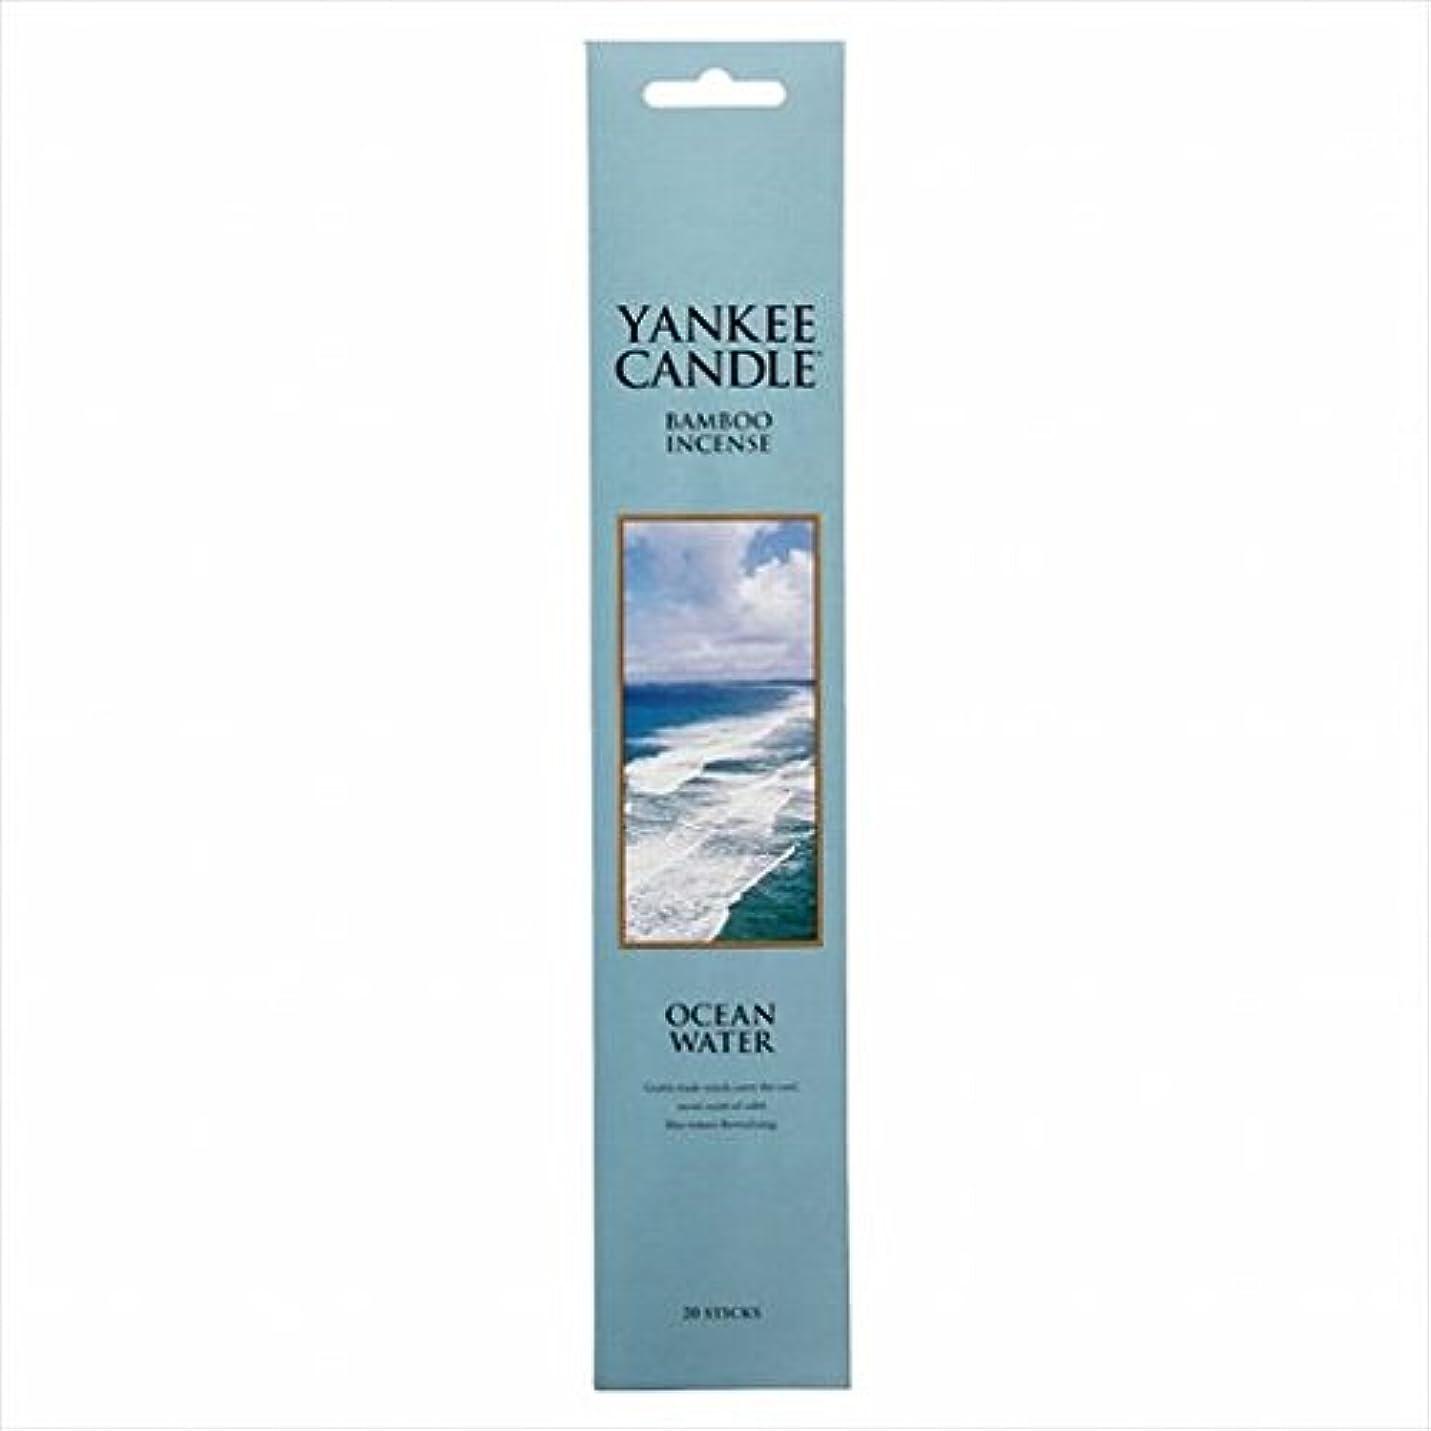 シーフード誰がスカリーカメヤマキャンドル( kameyama candle ) YANKEE CANDLE バンブーインセンス 「 オーシャンウォーター 」